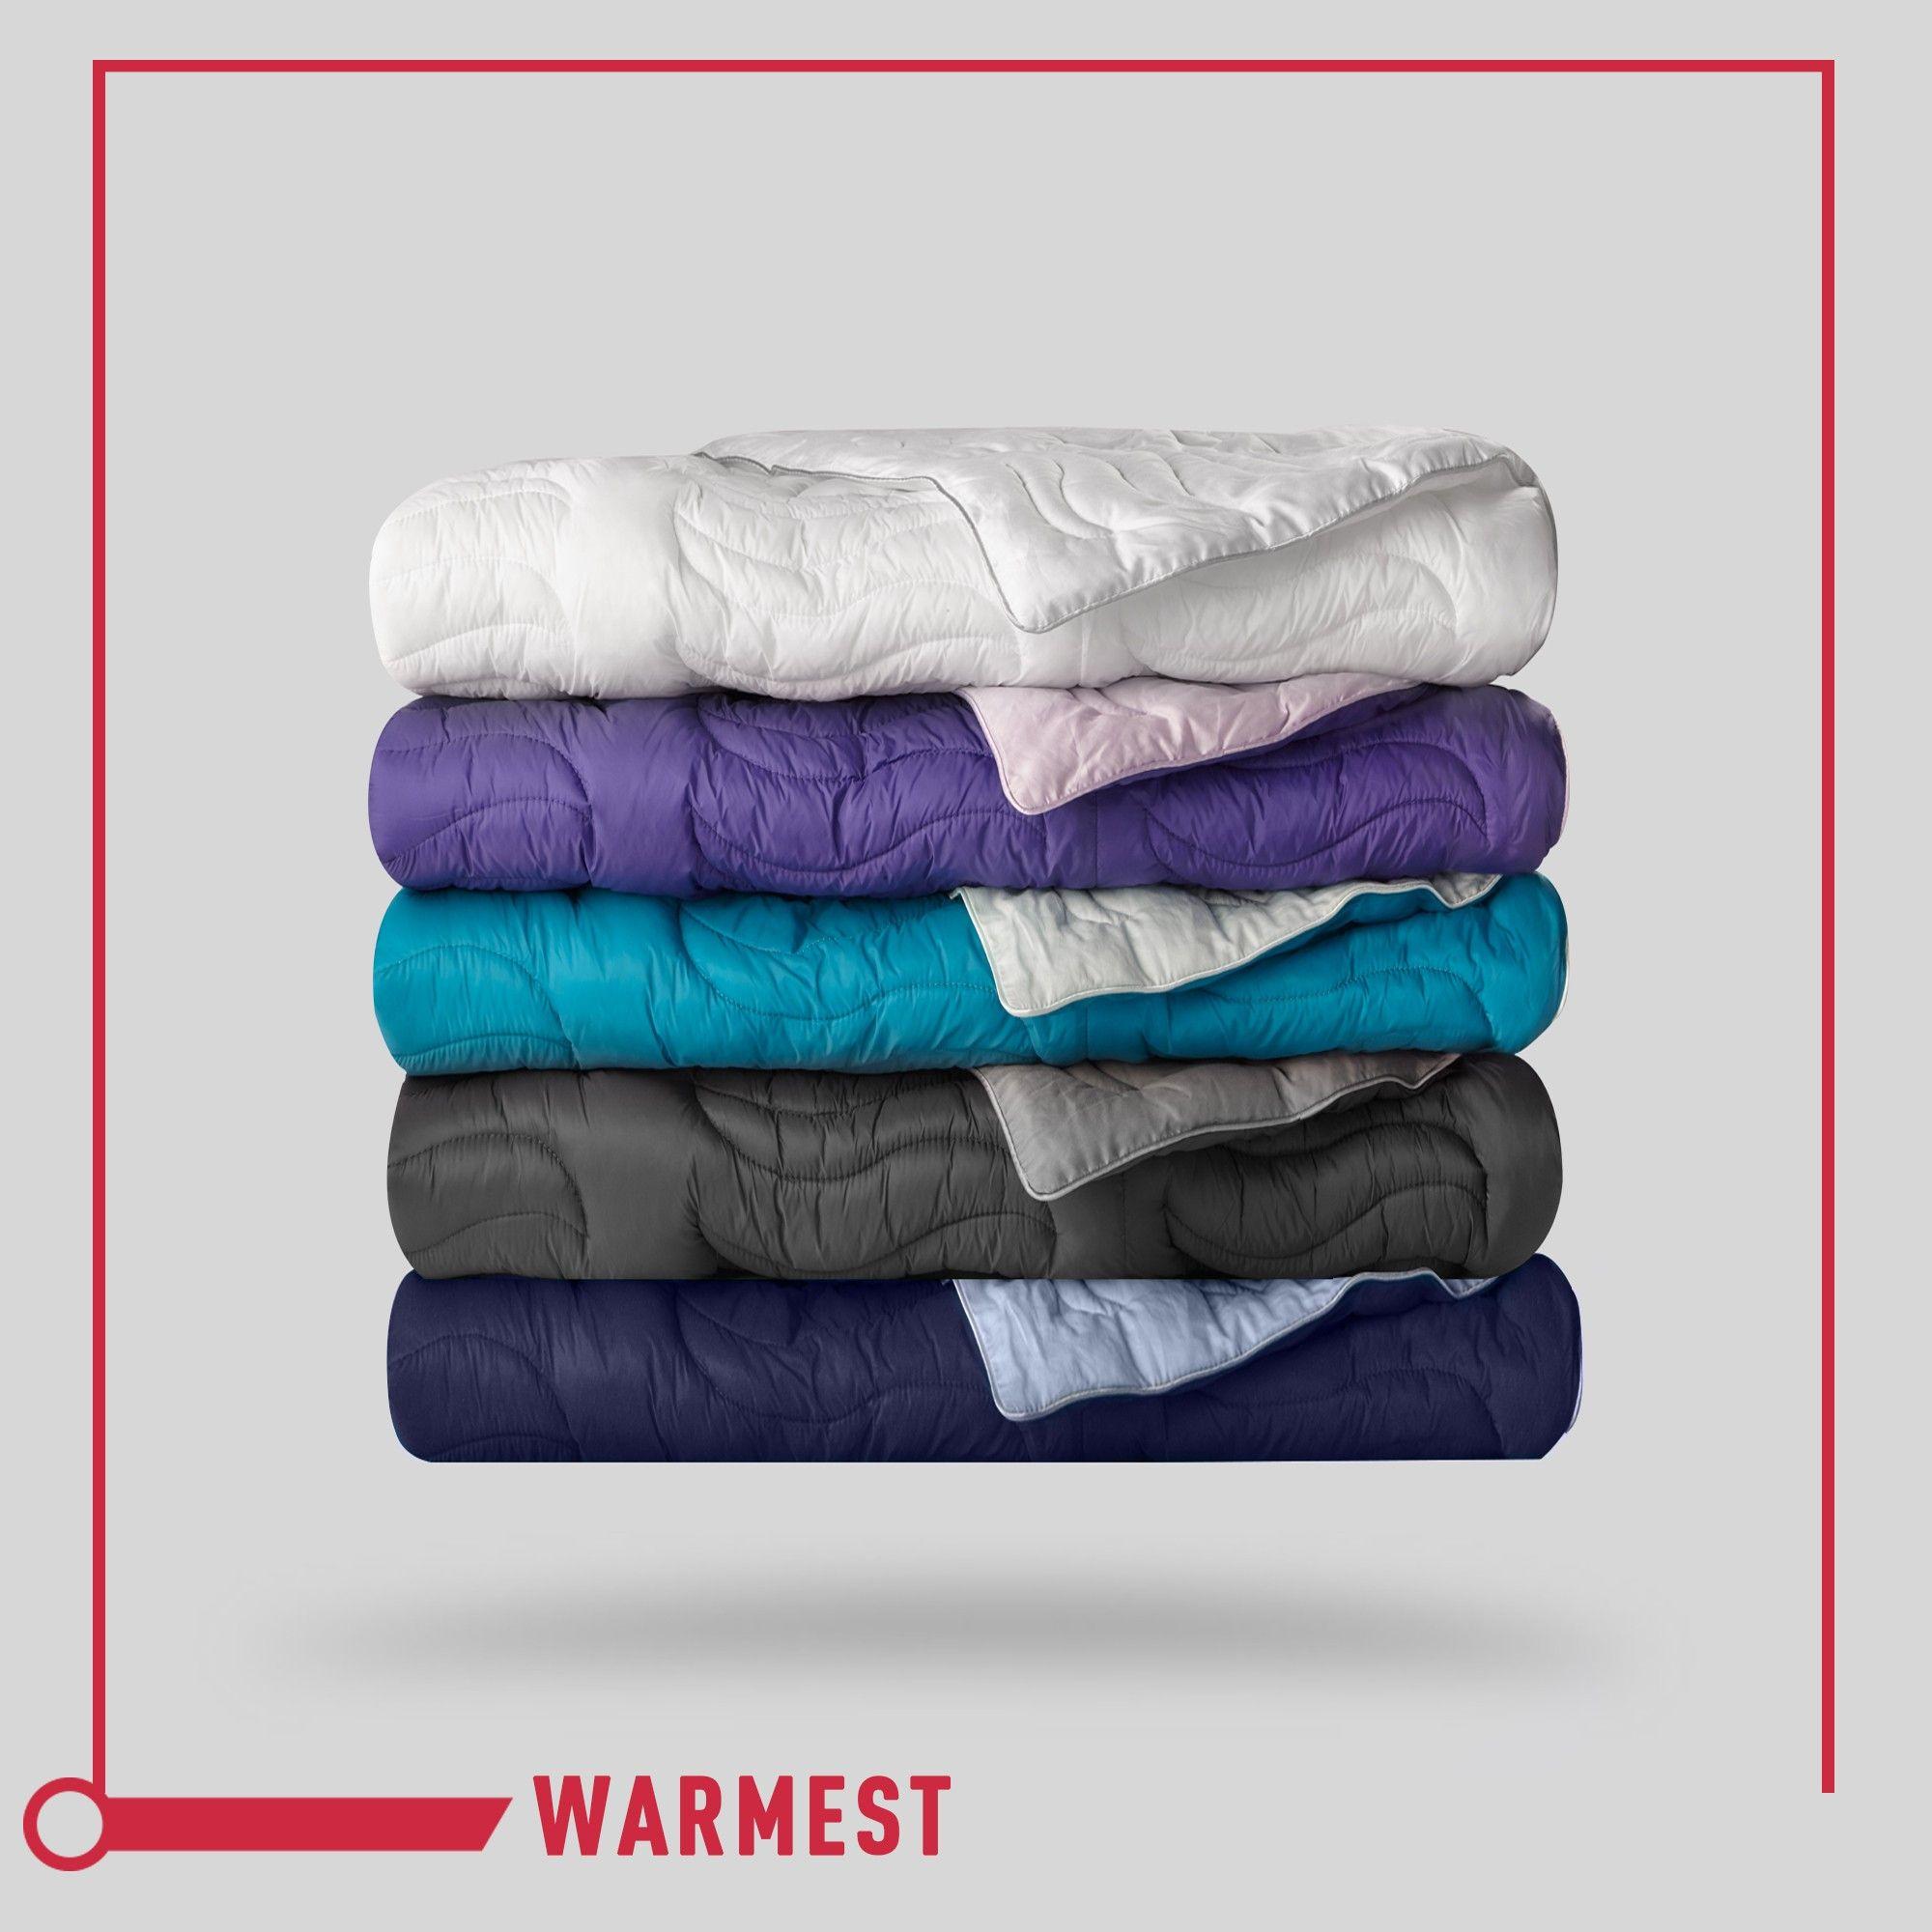 Warmest PERFORMANCE Blanket Bedgear, Warm blankets, Blanket